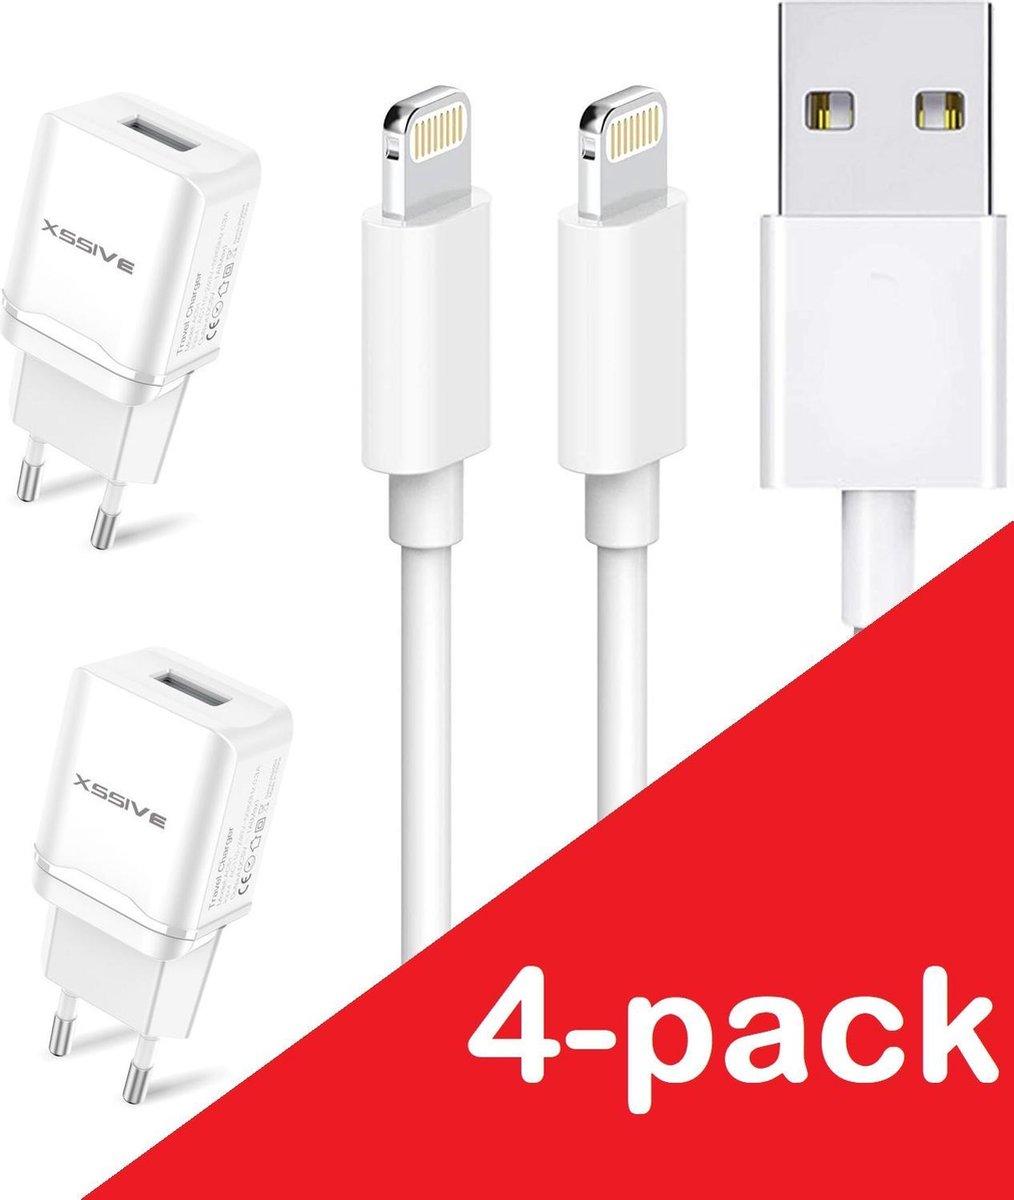 Oplader iPhone | Oplader met iPhone / iPad Kabel 4-pack | Premium USB Oplader | 1 Meter | Apple iPhone 11/11 PRO/ XS/ XR/ X/ iPhone 8/ 8 Plus/ iPhone SE Oplaadkabel en Oplader